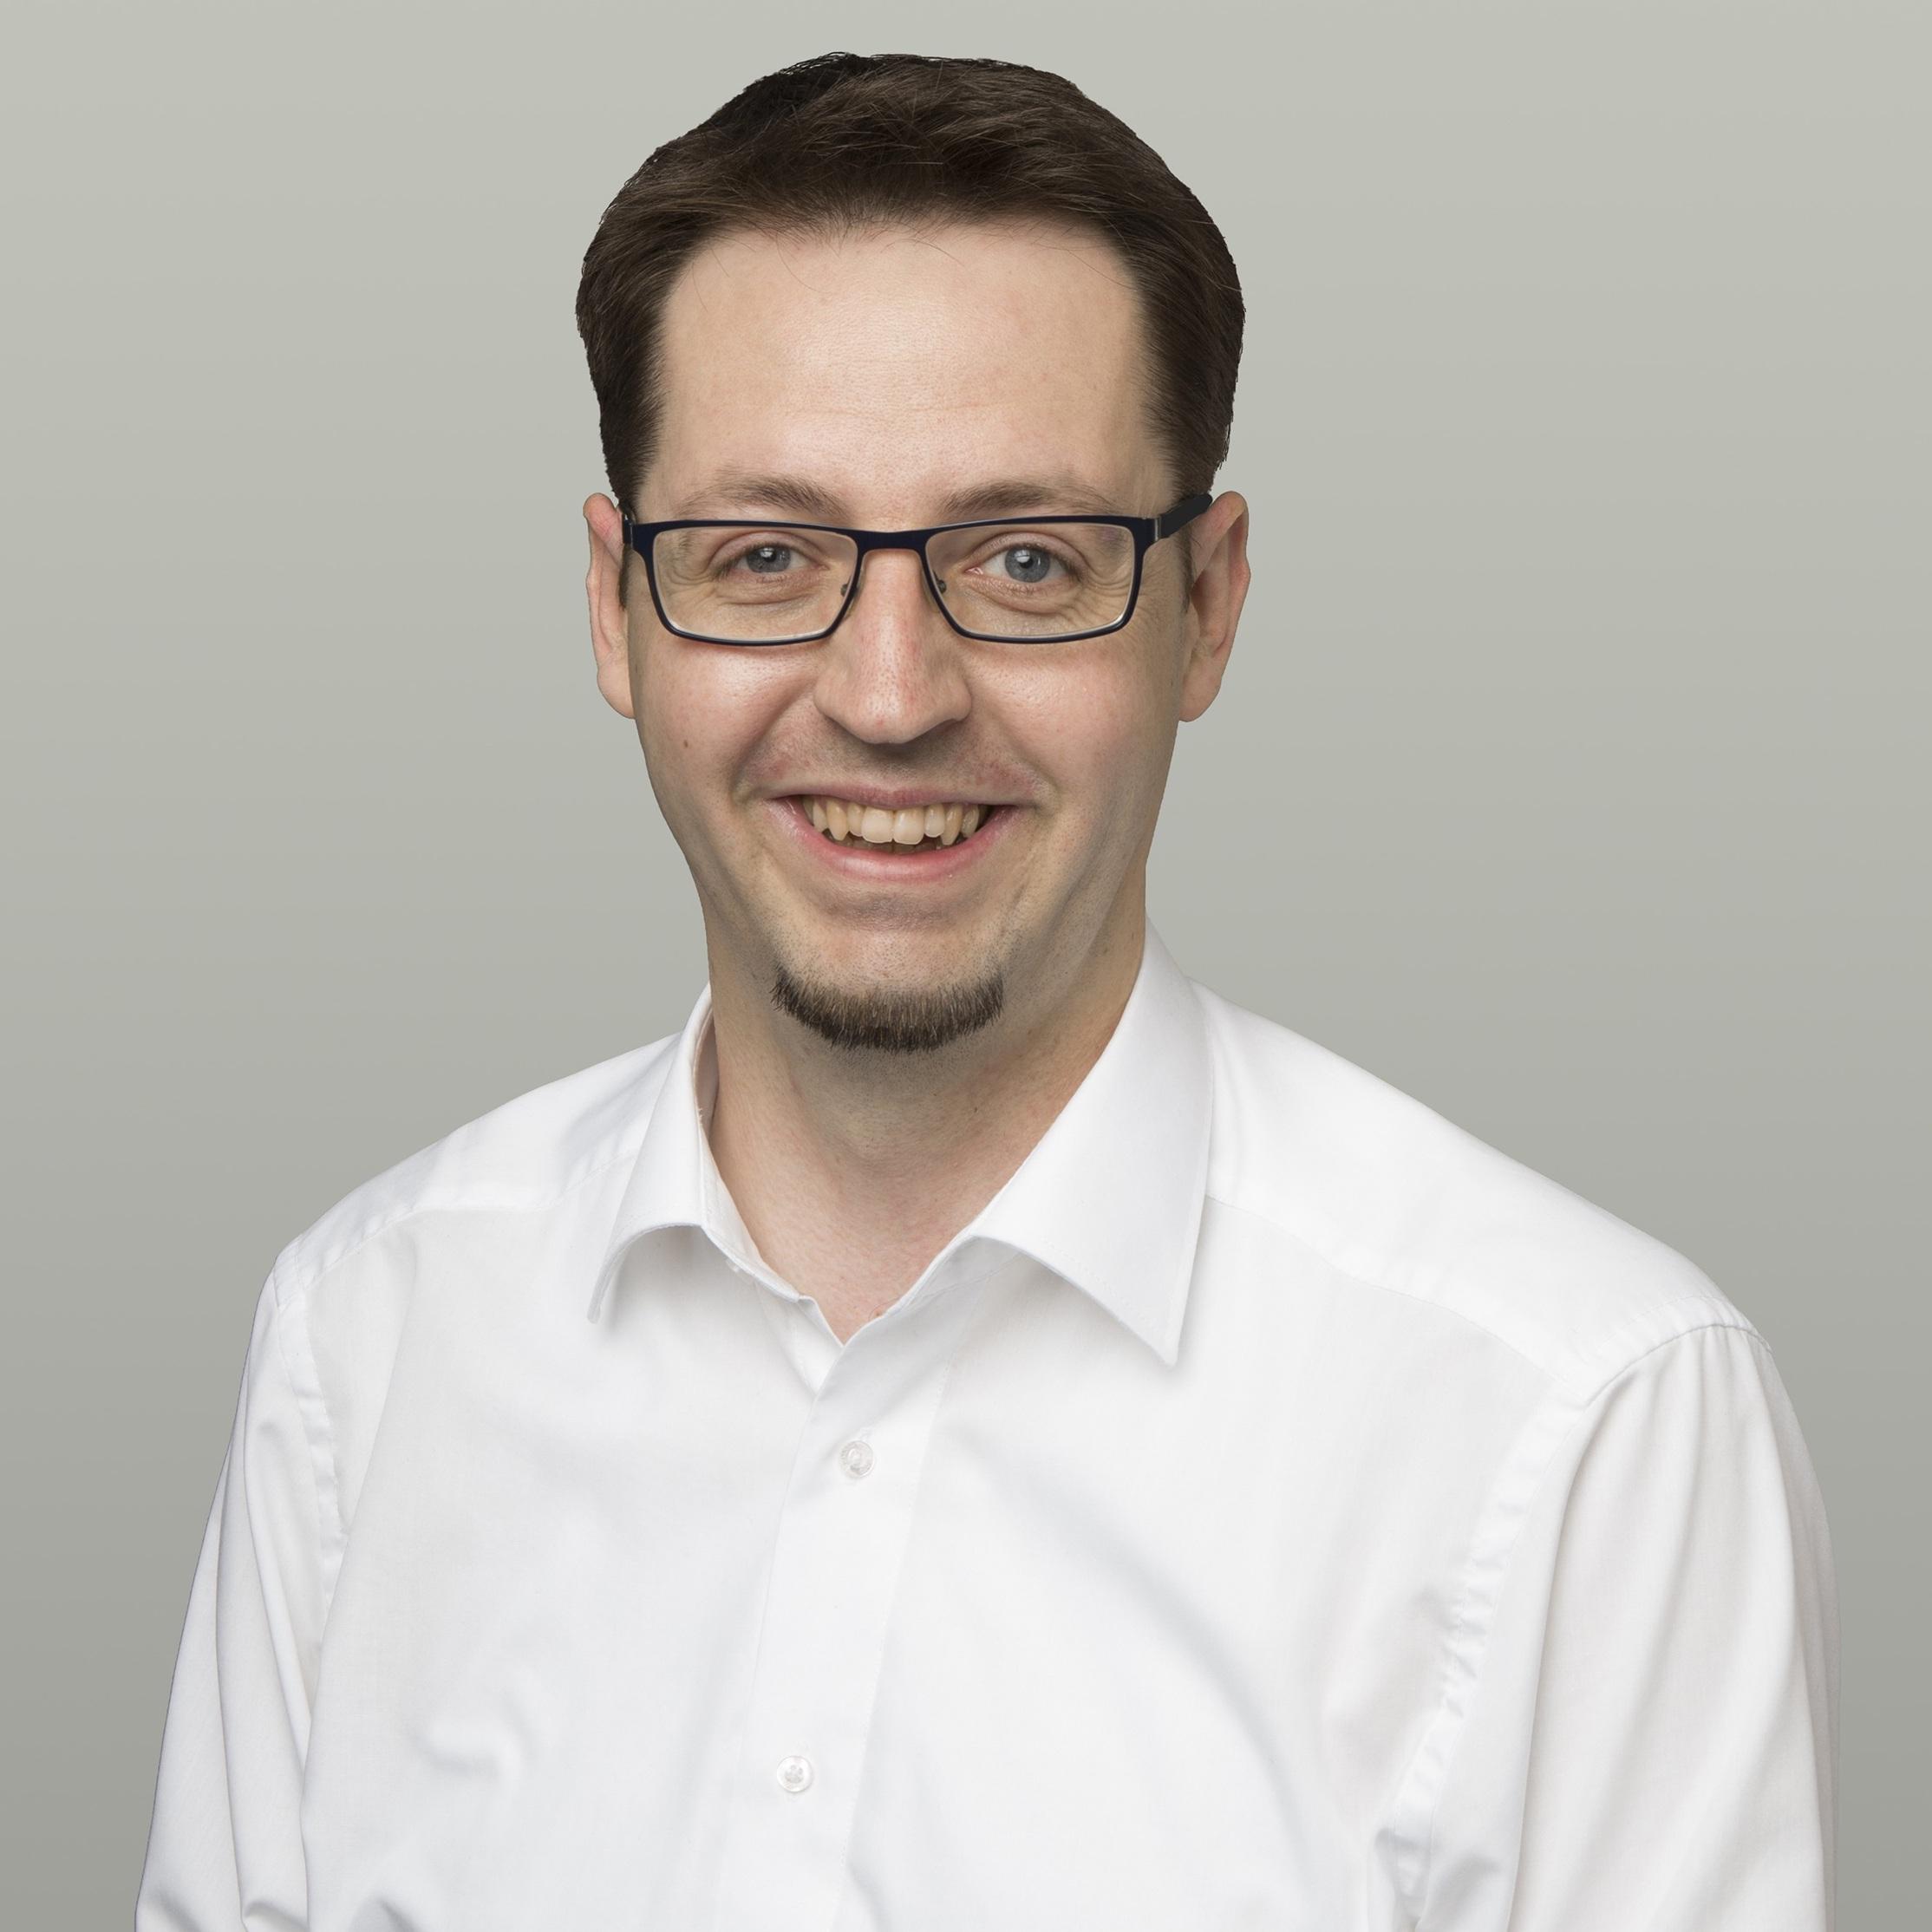 Pierre Baum